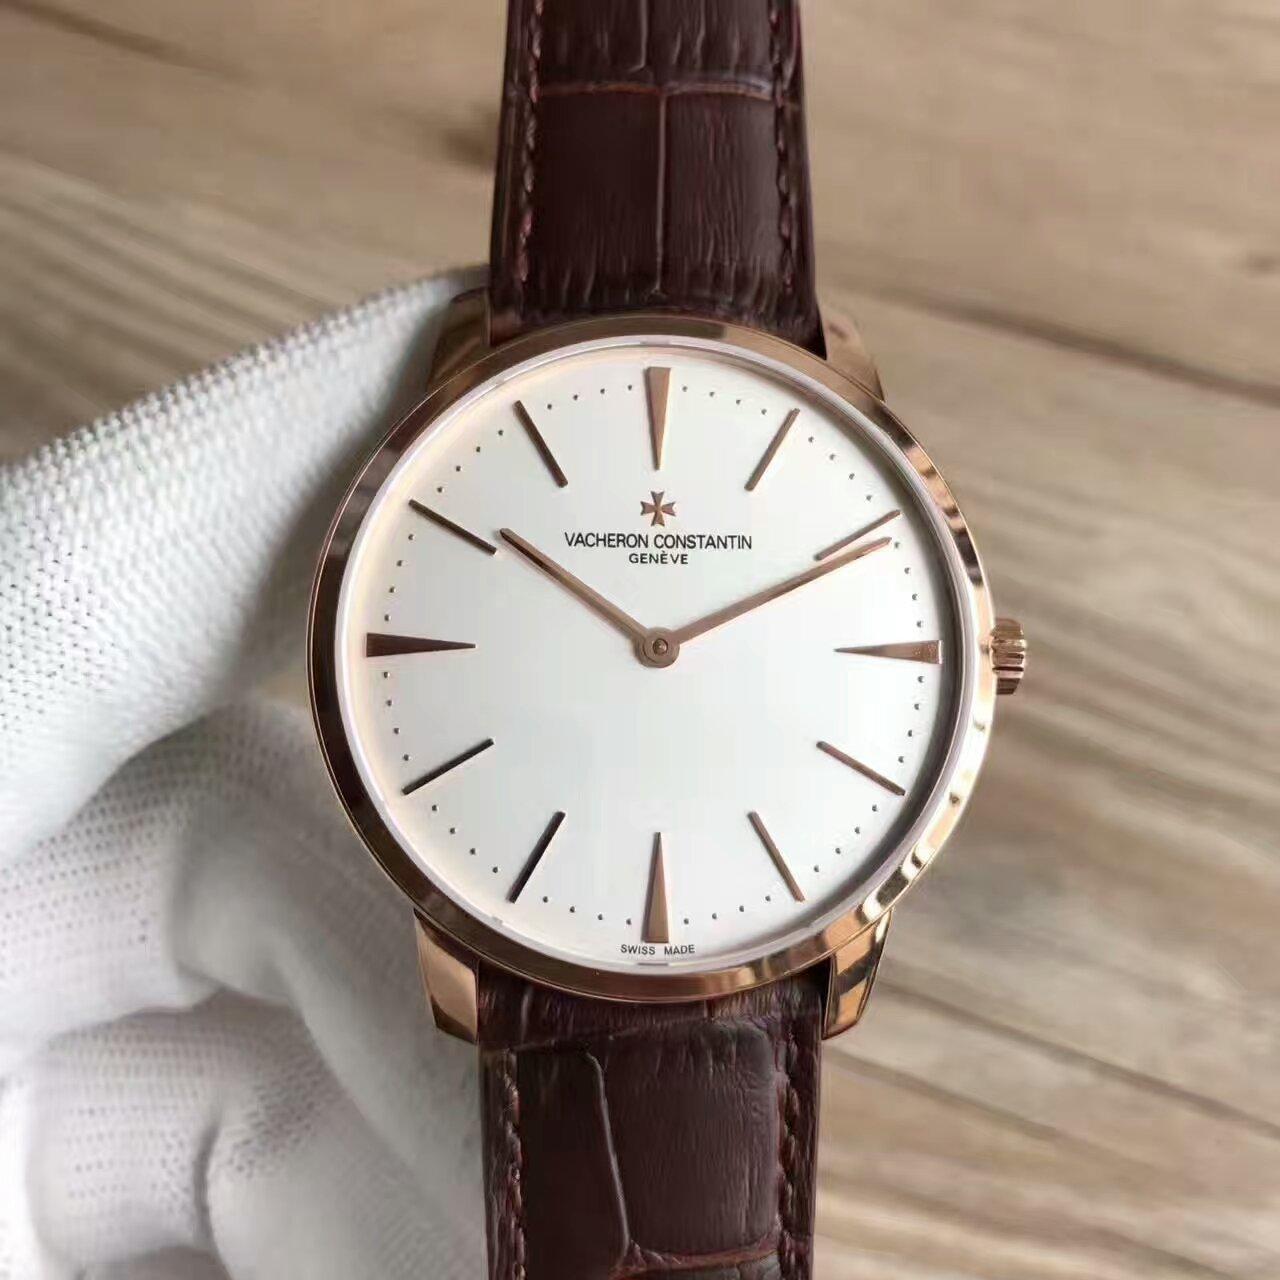 【台湾厂一比一超A精仿手表】江诗丹顿传承系列81180/000R-9159腕表